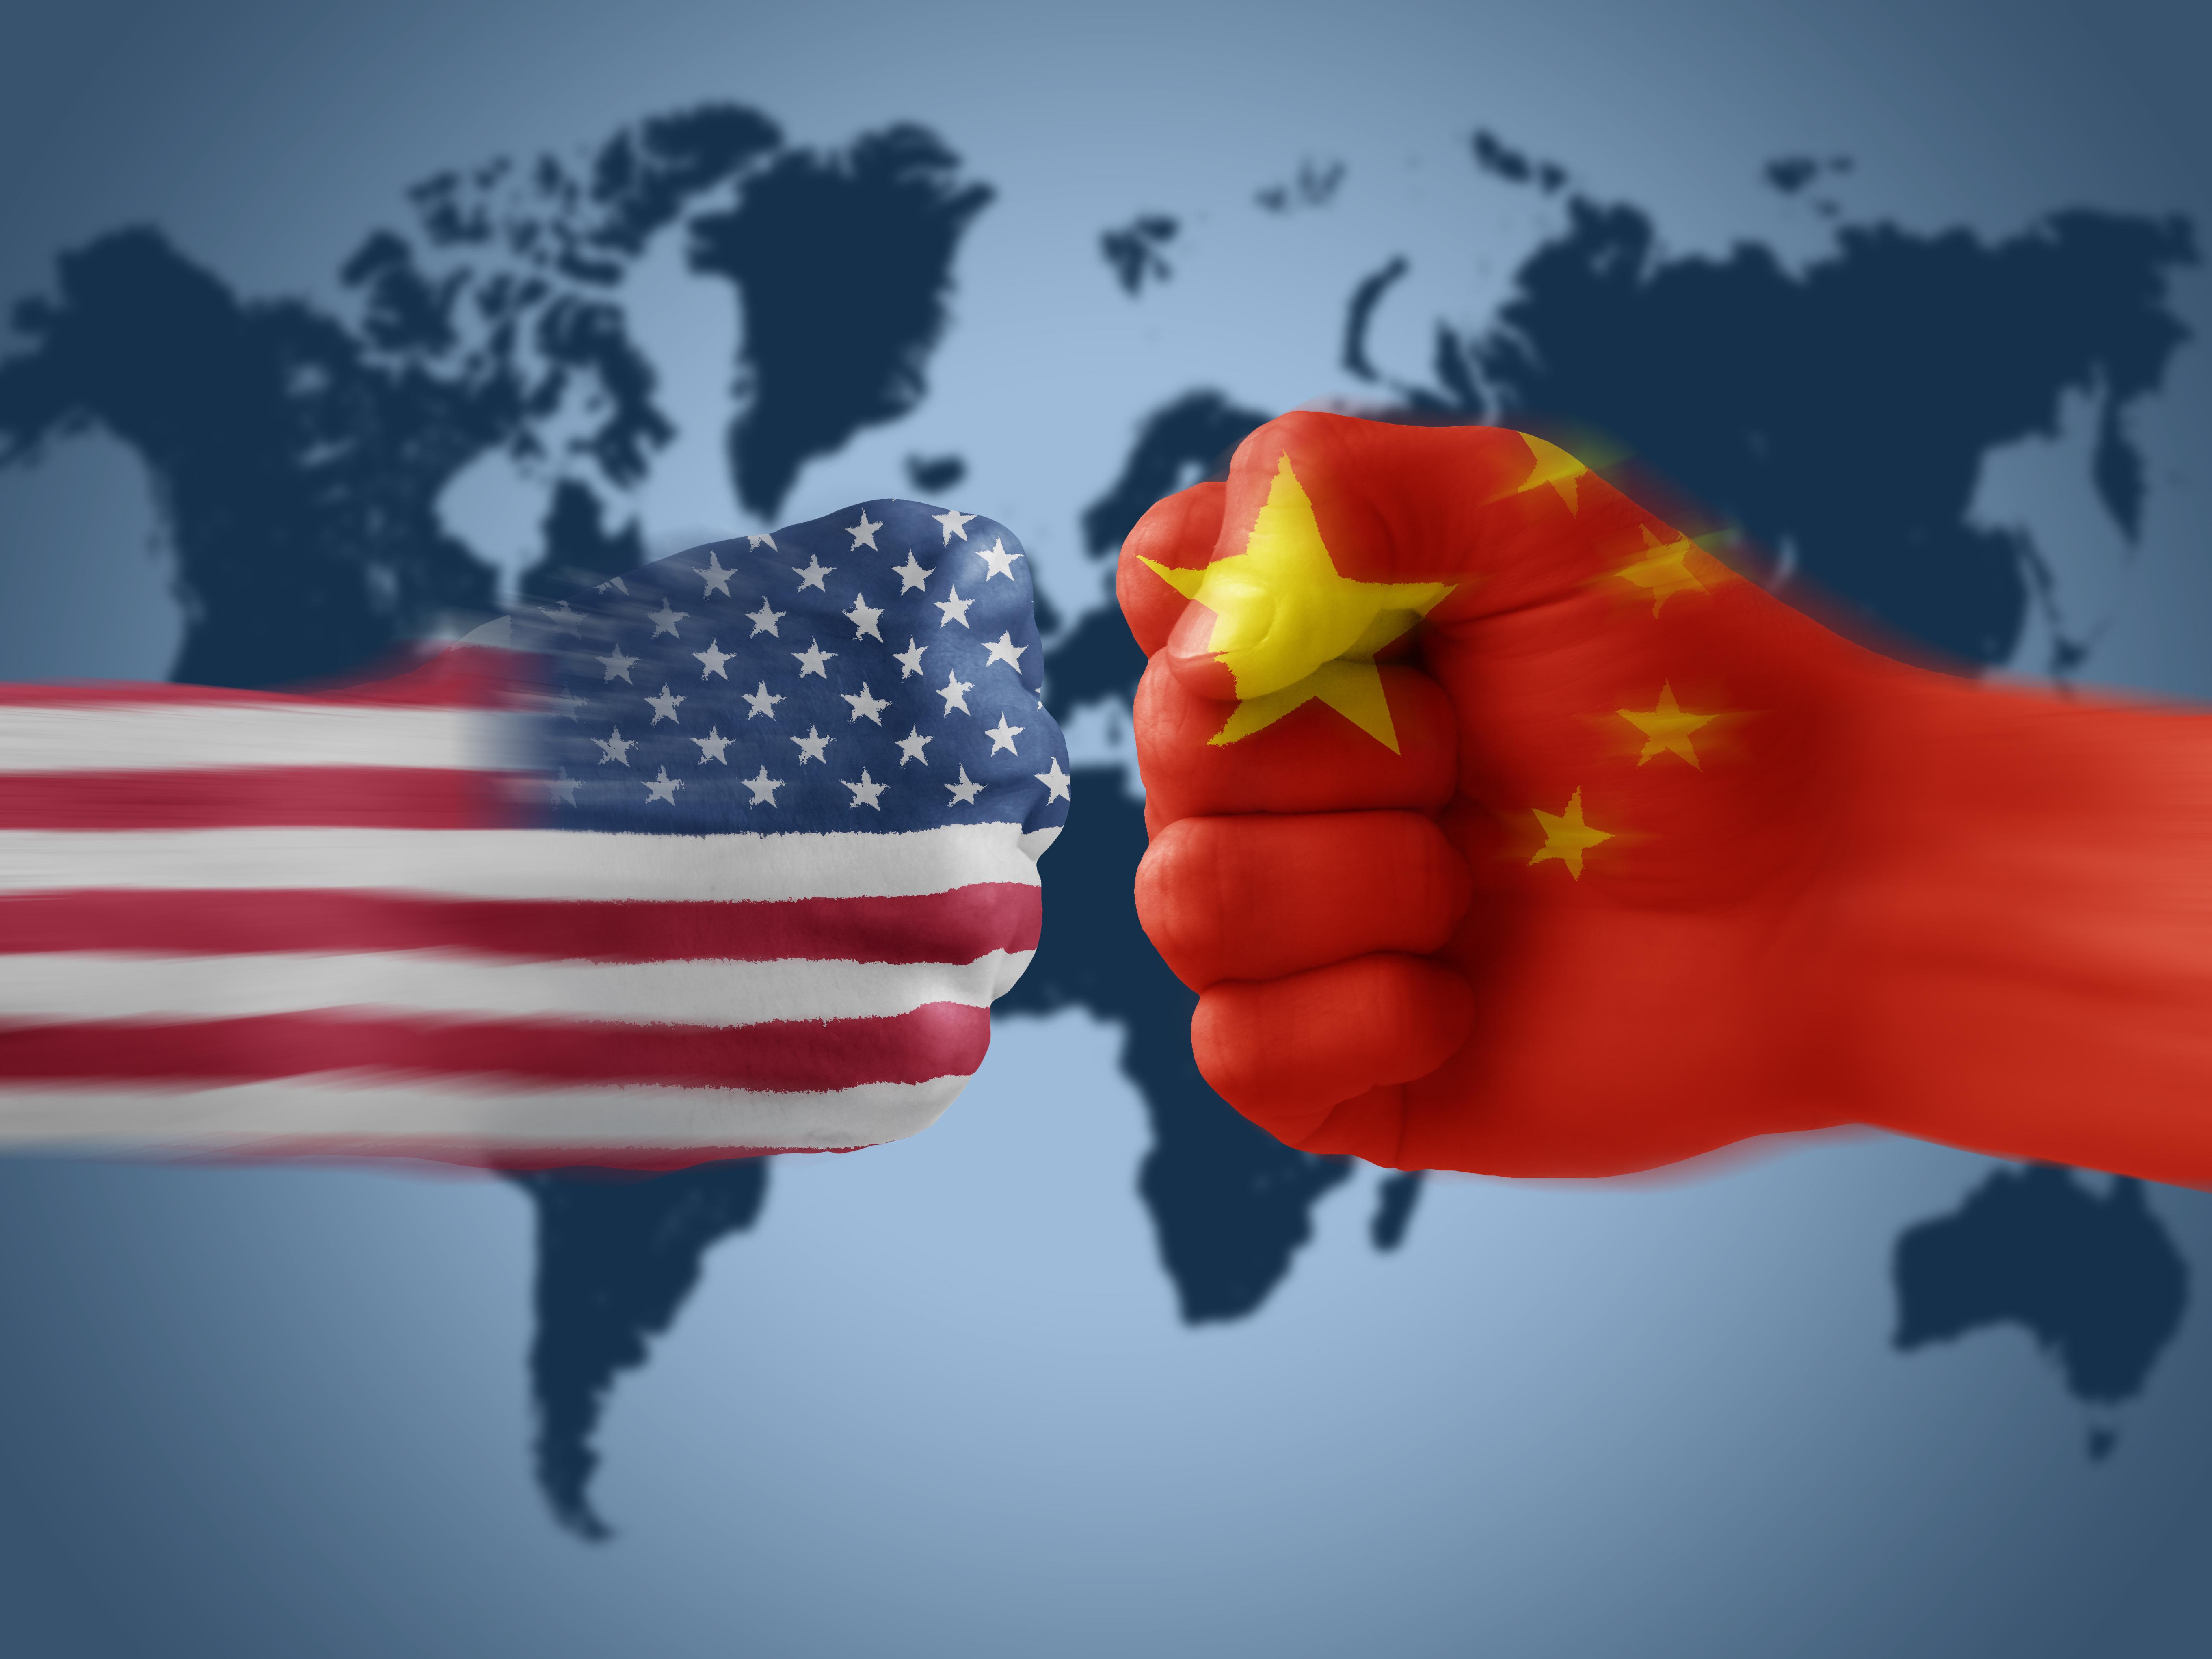 人民日报钟声:中国不会屈服于任何极限施压